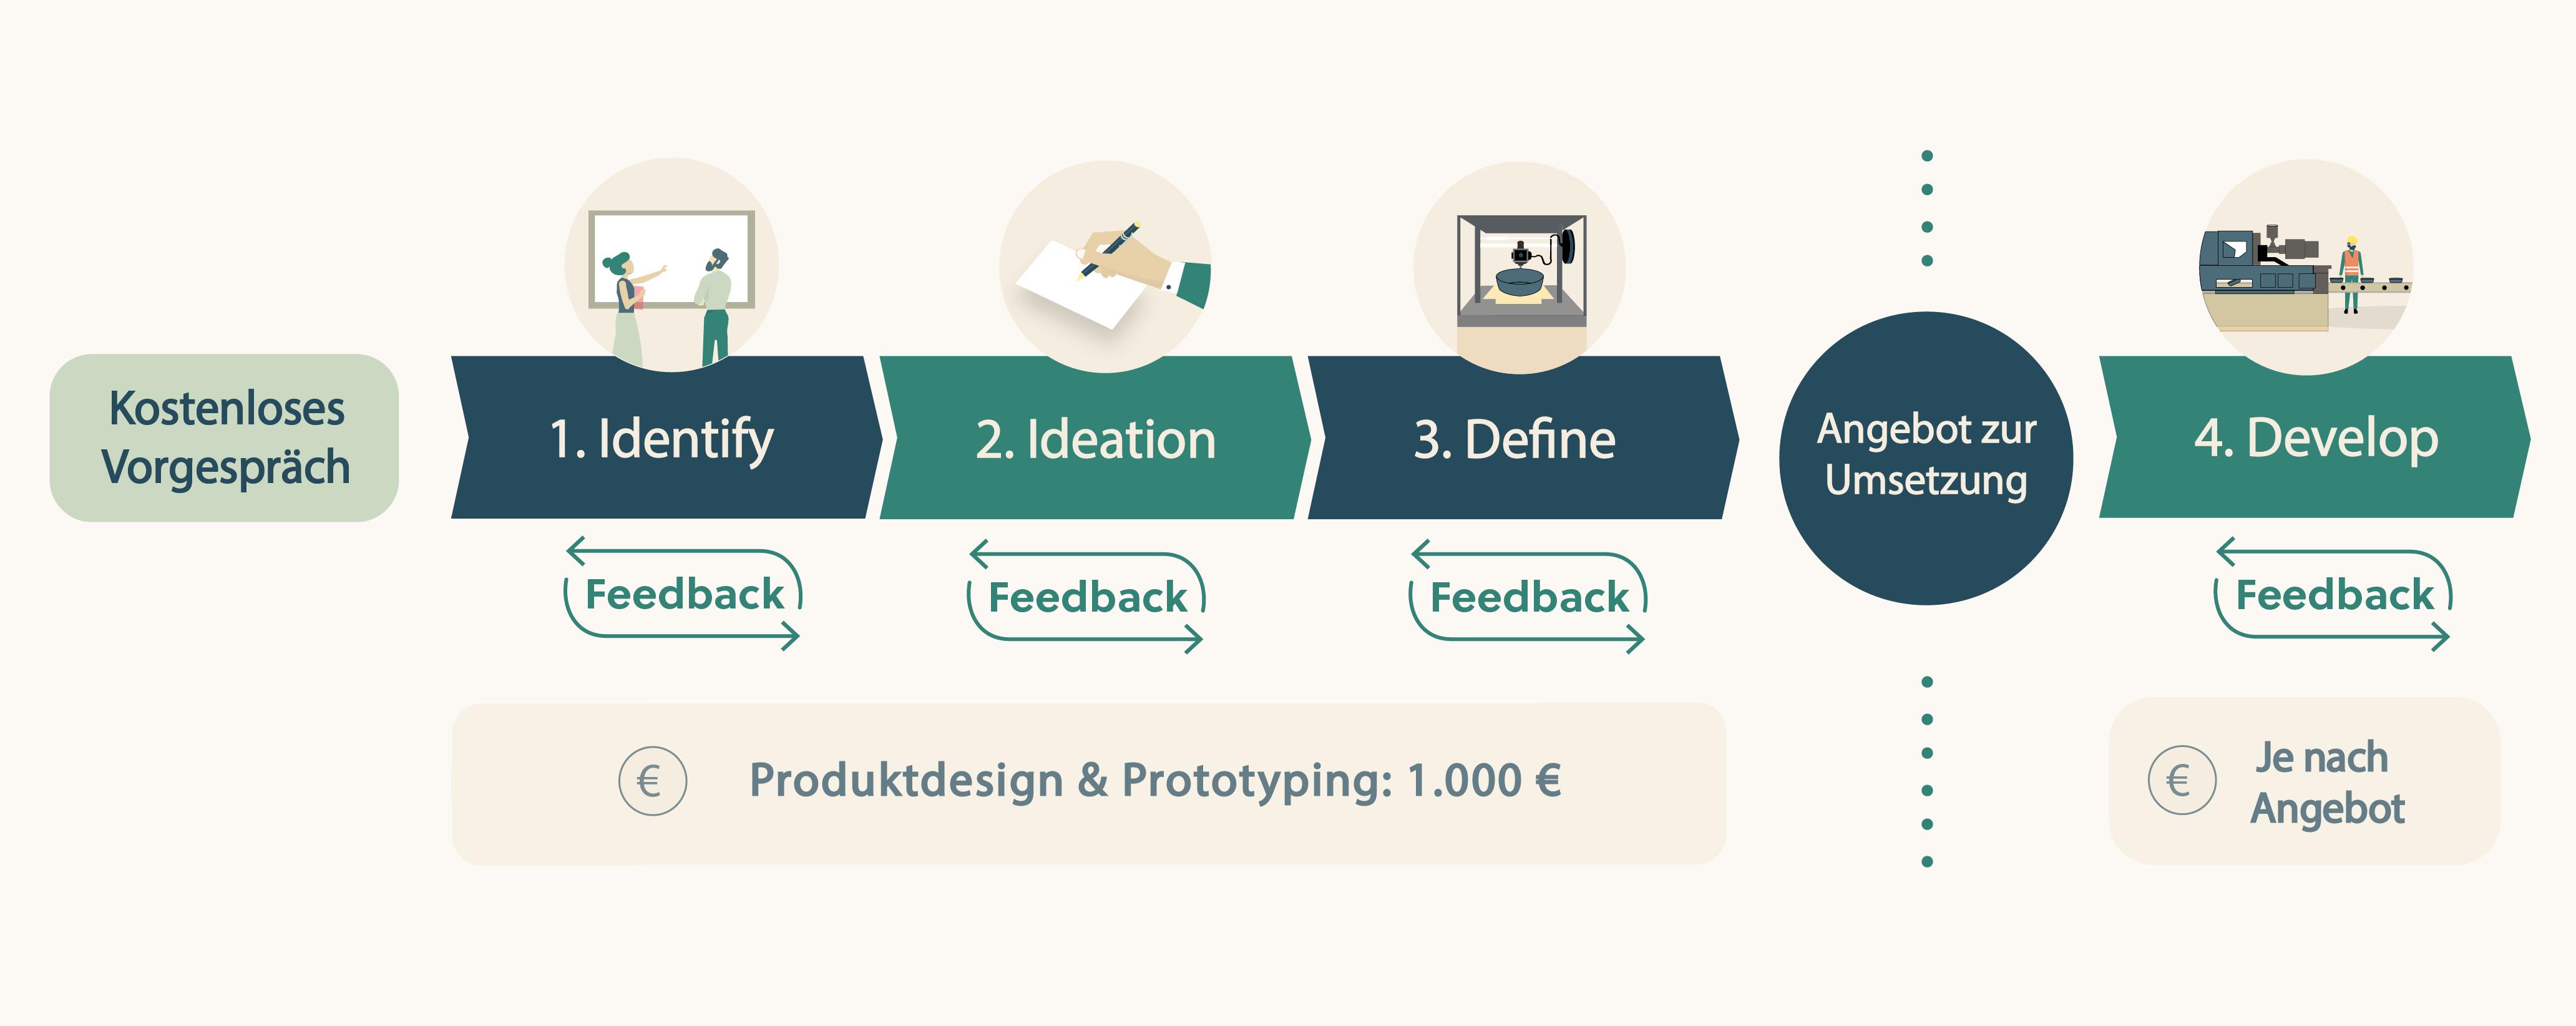 Timeline Produktentwicklungsprozess